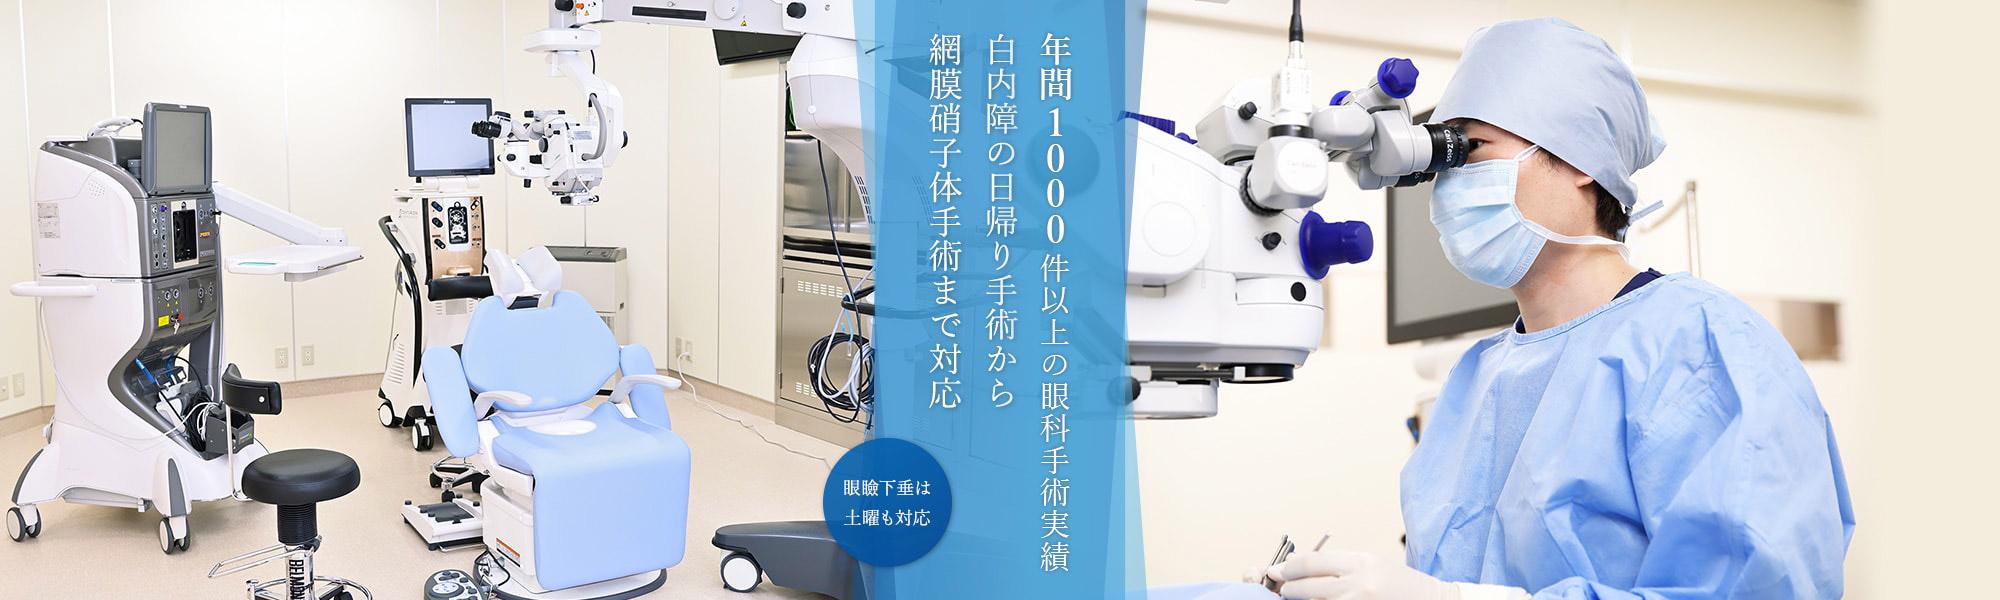 年間800件以上の眼科手術実績白内障の日帰り手術から網膜硝子体手術まで対応